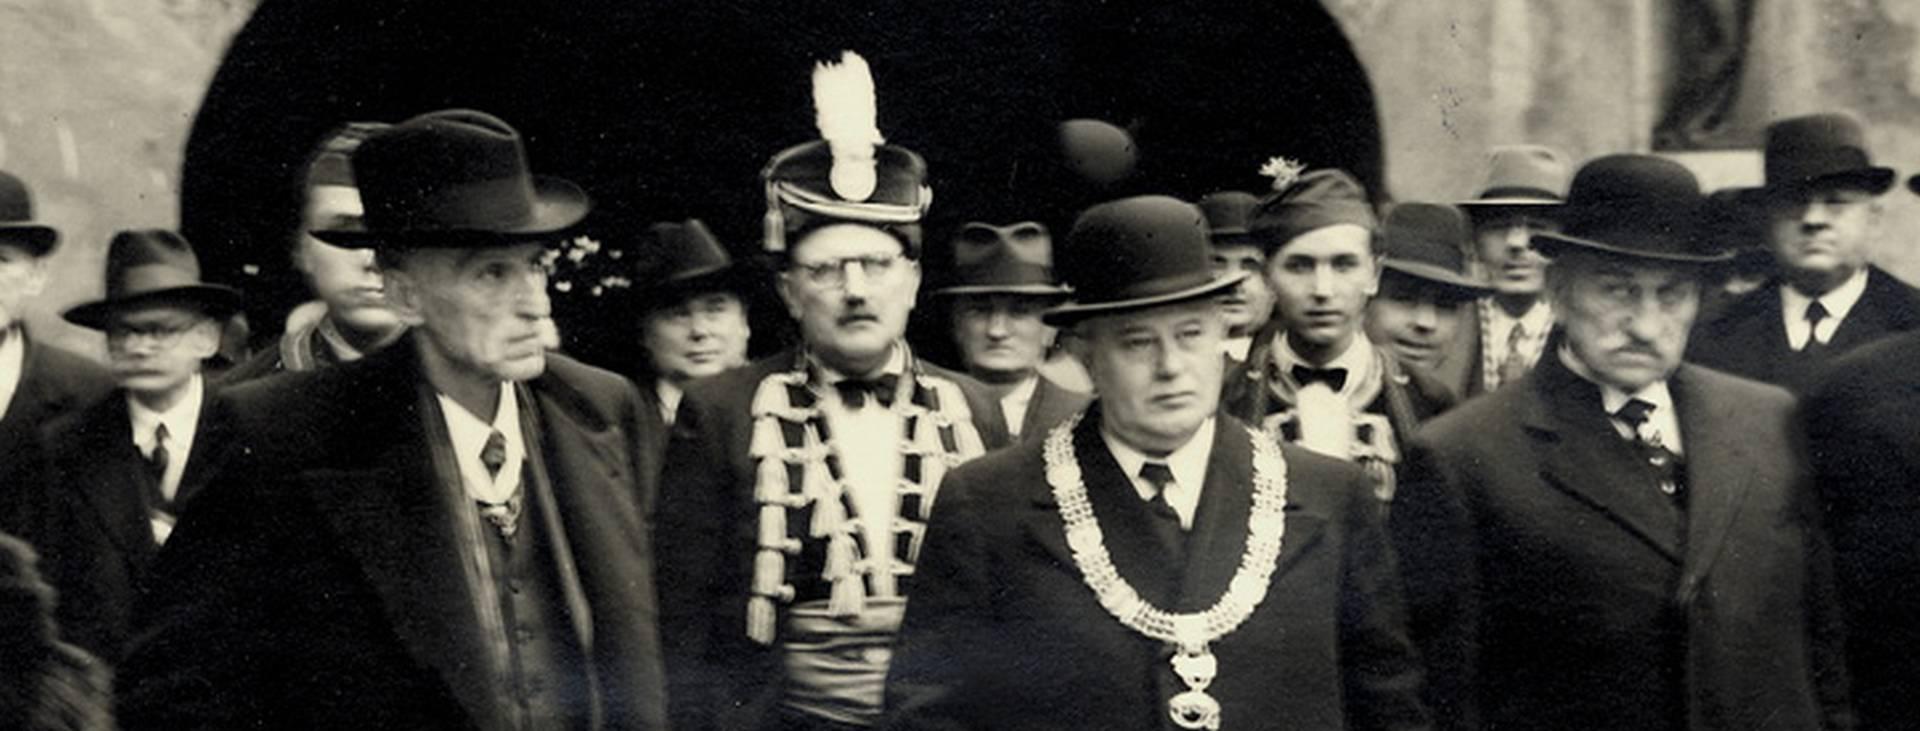 FELJTON: Zaboravljeni intelektualac koji je zadužio hrvatsku povijest